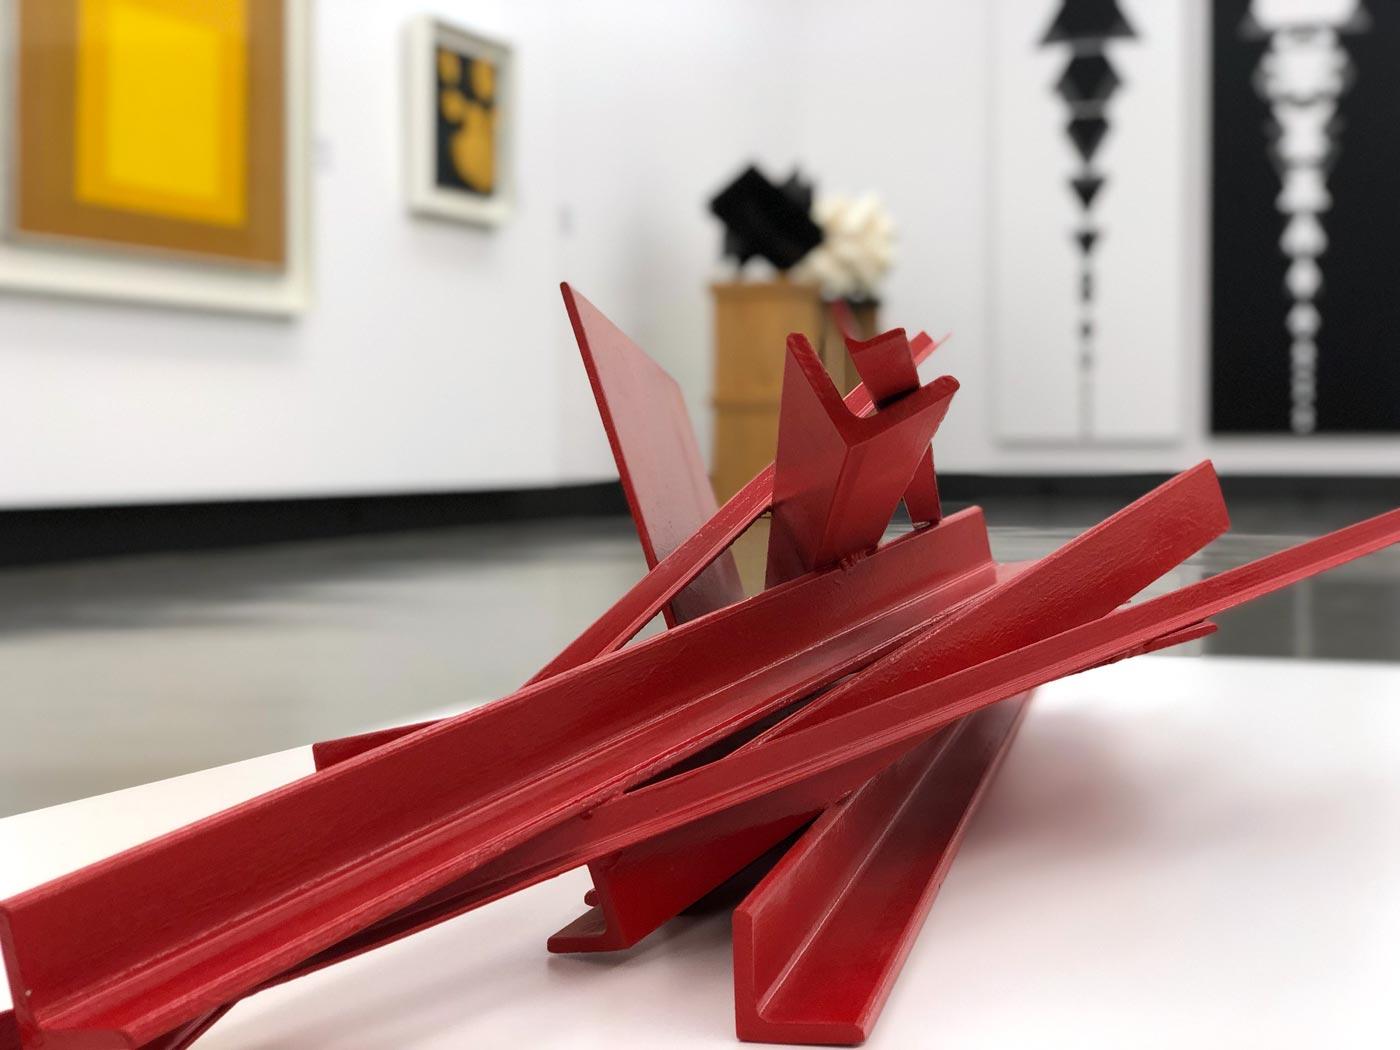 Ausstellungsobjekt aus Metall in Form von Treibholz